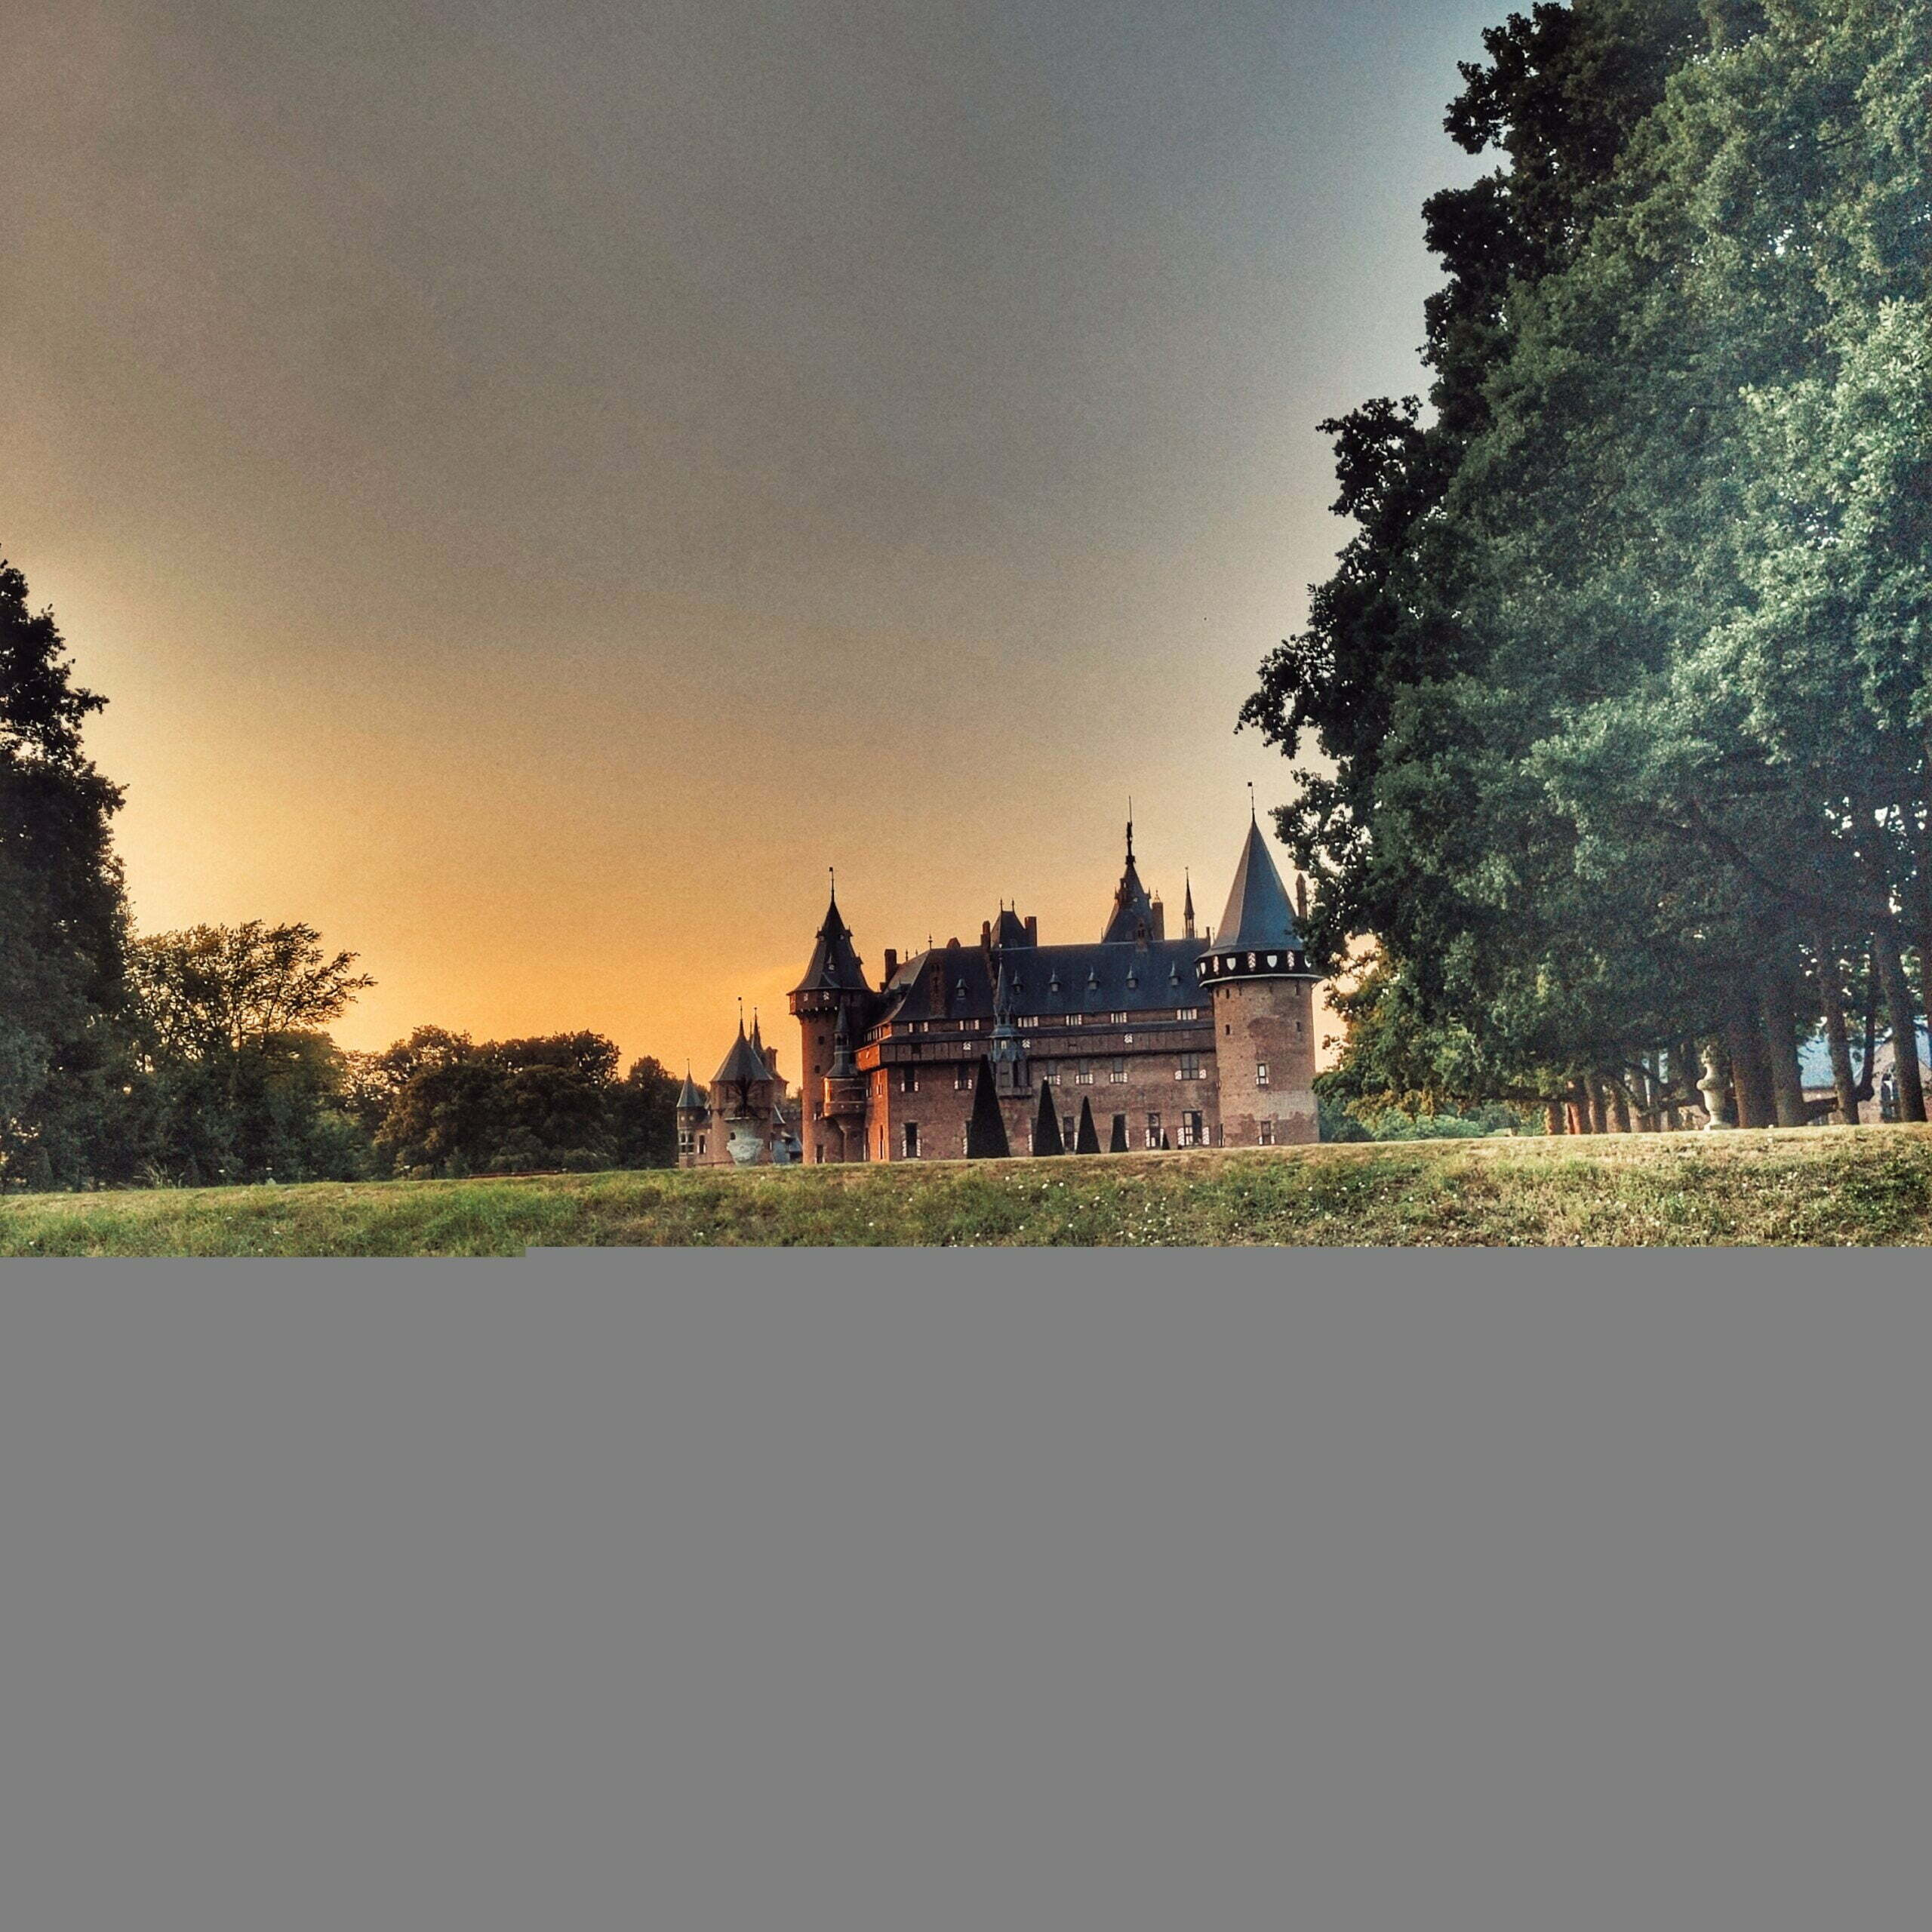 Lire la suite de l'article Haarzuilens, le village de conte de fées avec le château de Haar, le plus grand des Pays-Bas